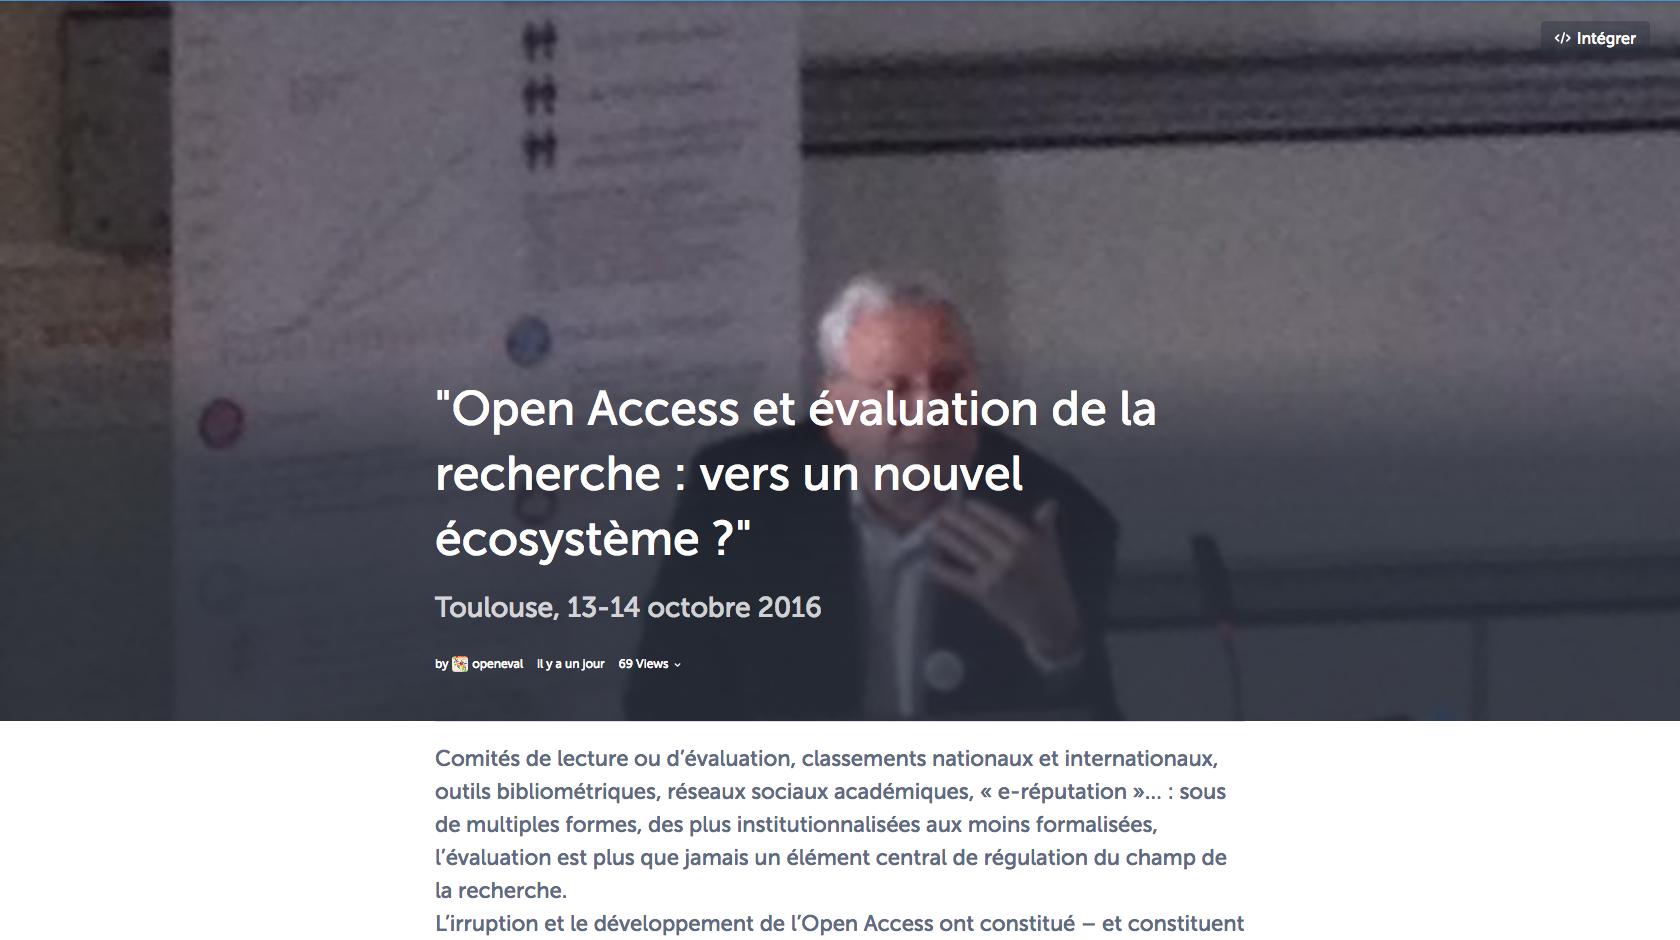 open-access-et-evaluation-de-la-recherche-vers-un-nouvel-ecosysteme-avec-images-tweets-%c2%b7-openeval-%c2%b7-storify